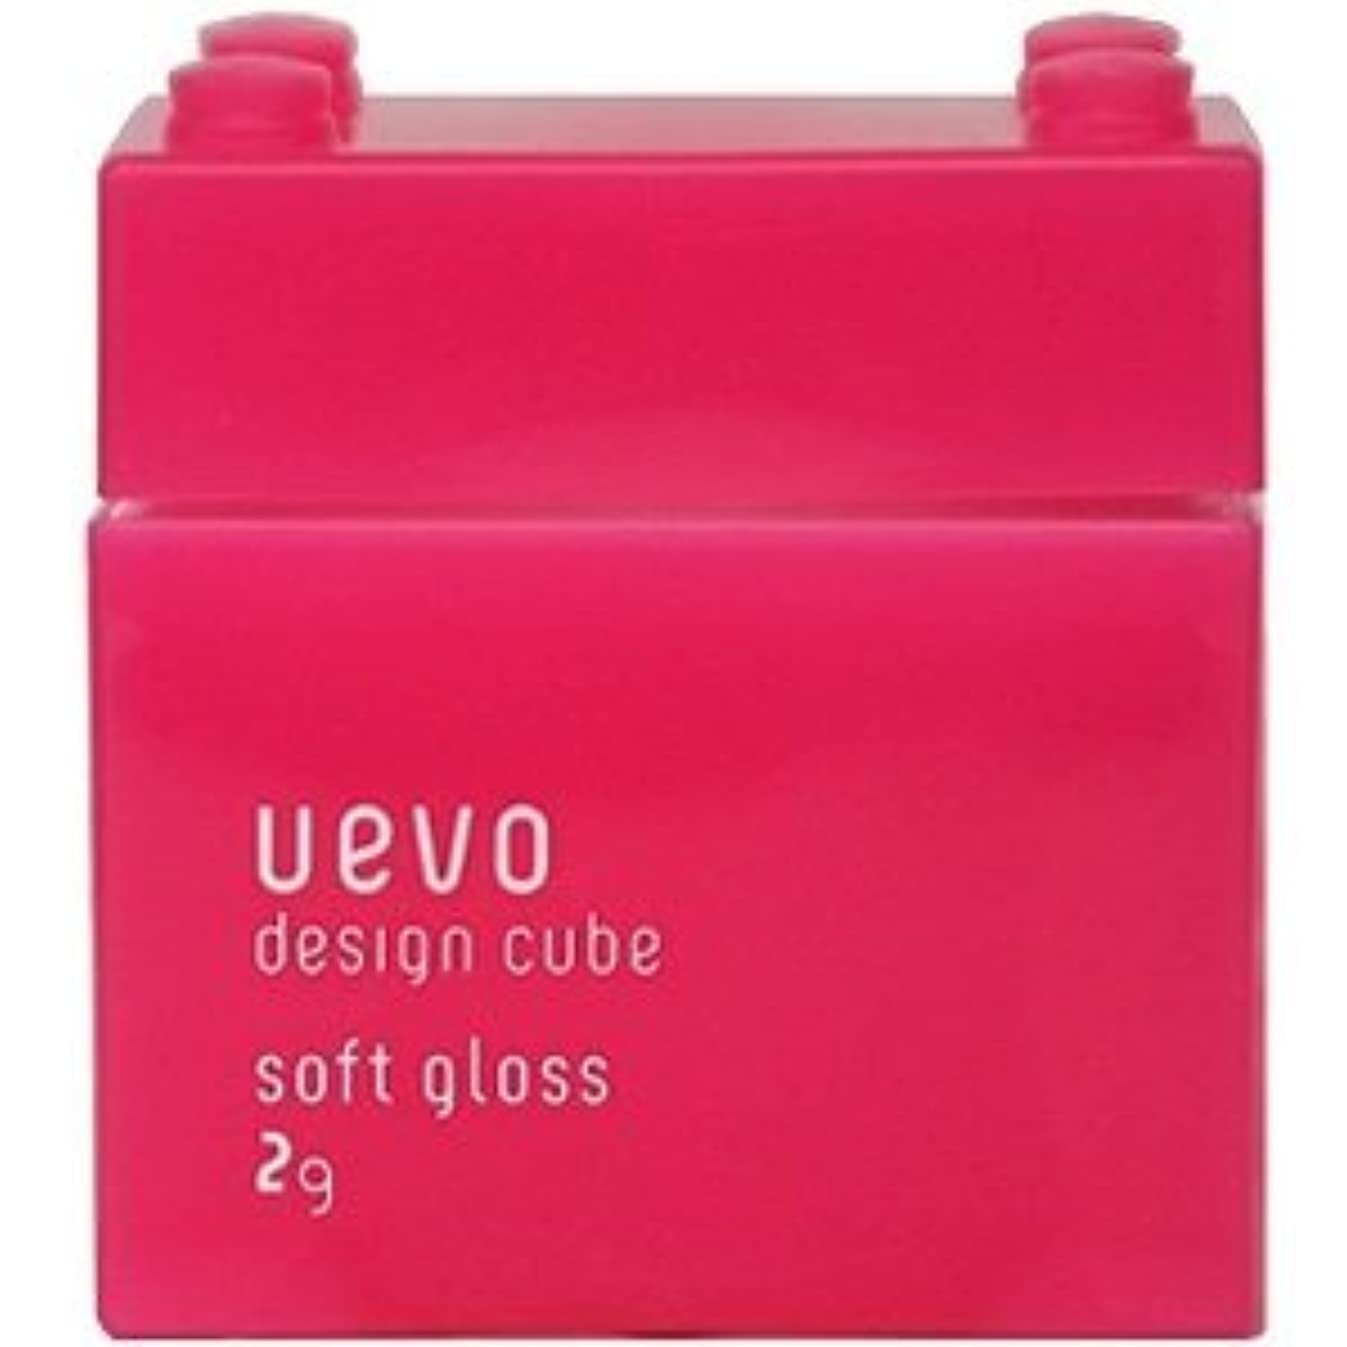 価値のないデクリメント鳴り響く【X2個セット】 デミ ウェーボ デザインキューブ ソフトグロス 80g soft gloss DEMI uevo design cube